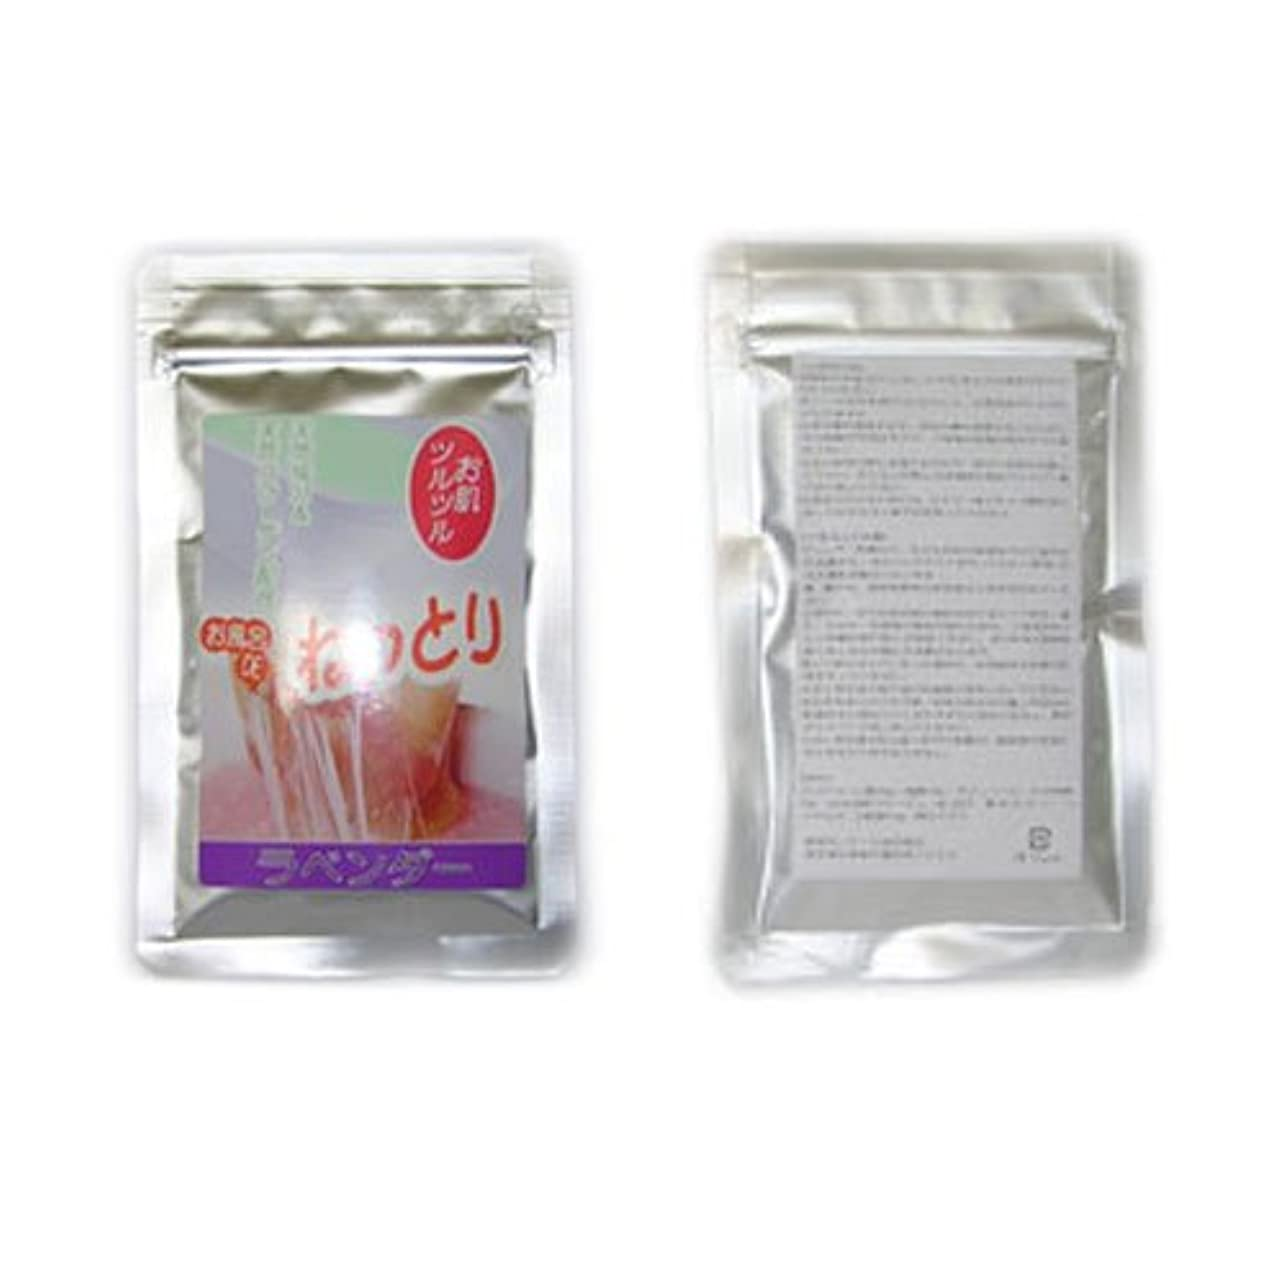 玉ねぎスタンドレシピお試し版 ローションバス 「お風呂でねっとり」 とろとろ入浴剤 (ラベンダー) 50g